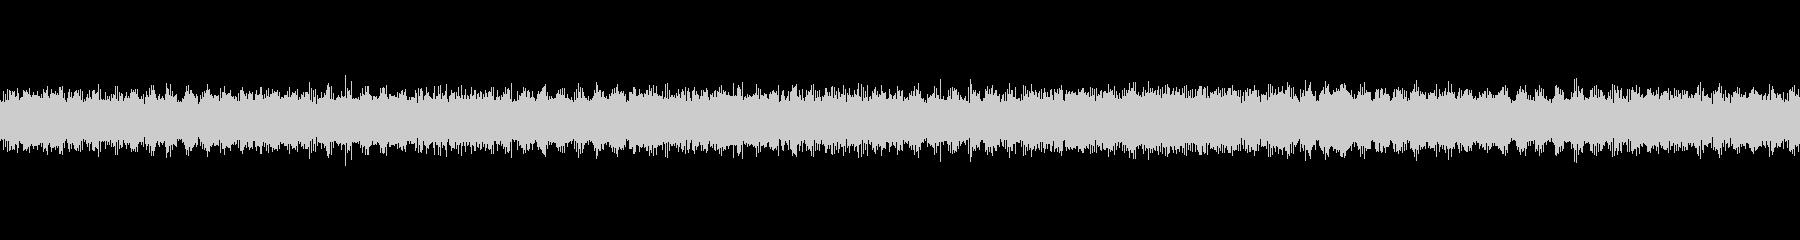 【生録音】ループで使える秋の虫の声 1の未再生の波形